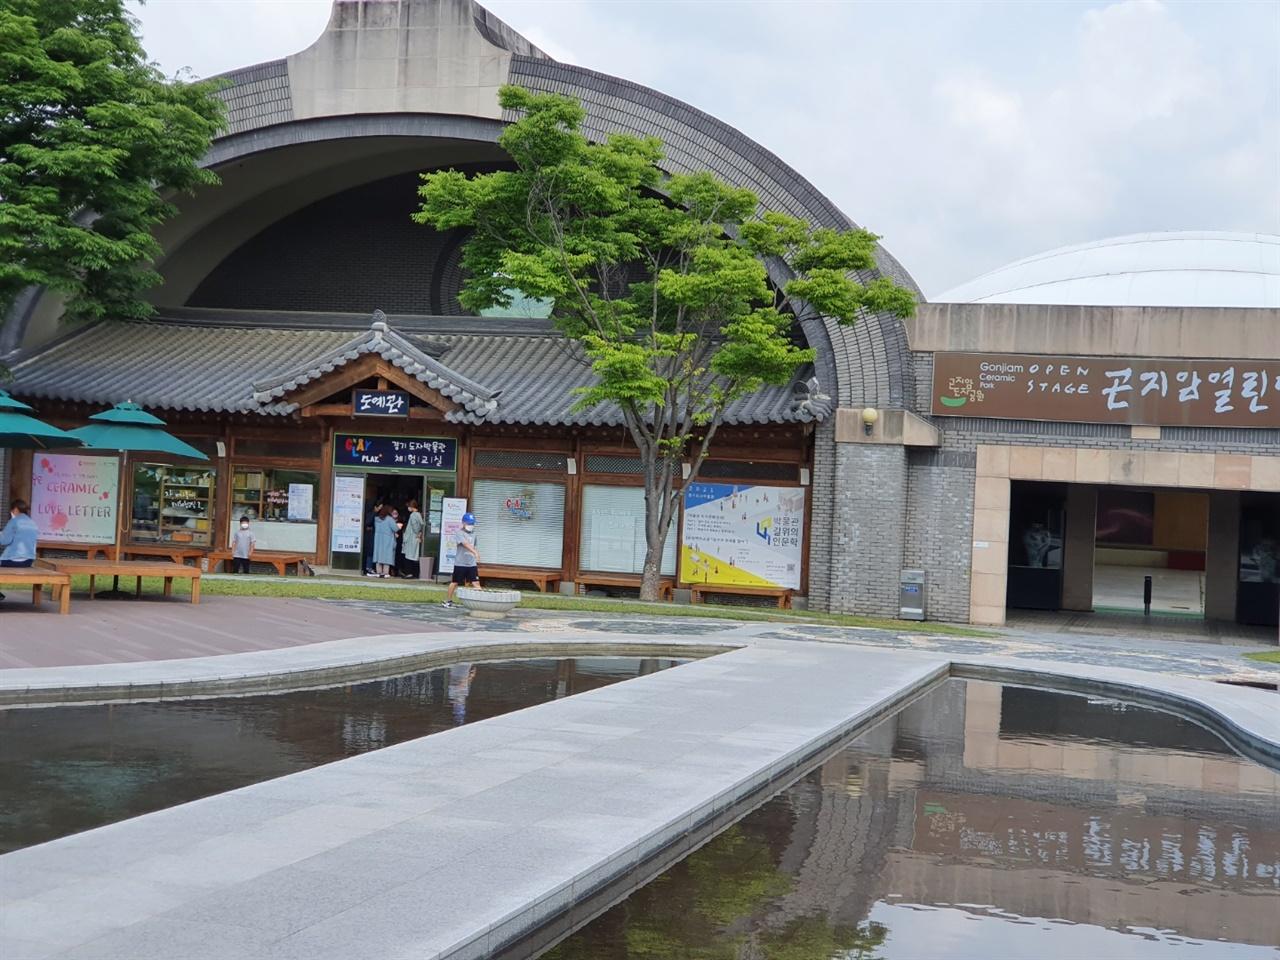 경기도자박물관 옆에 자리한 전통공예원 경기도자박물관 옆에는 자기를 직접 구입할 수 있는 전통공예원이 자리해 있다.